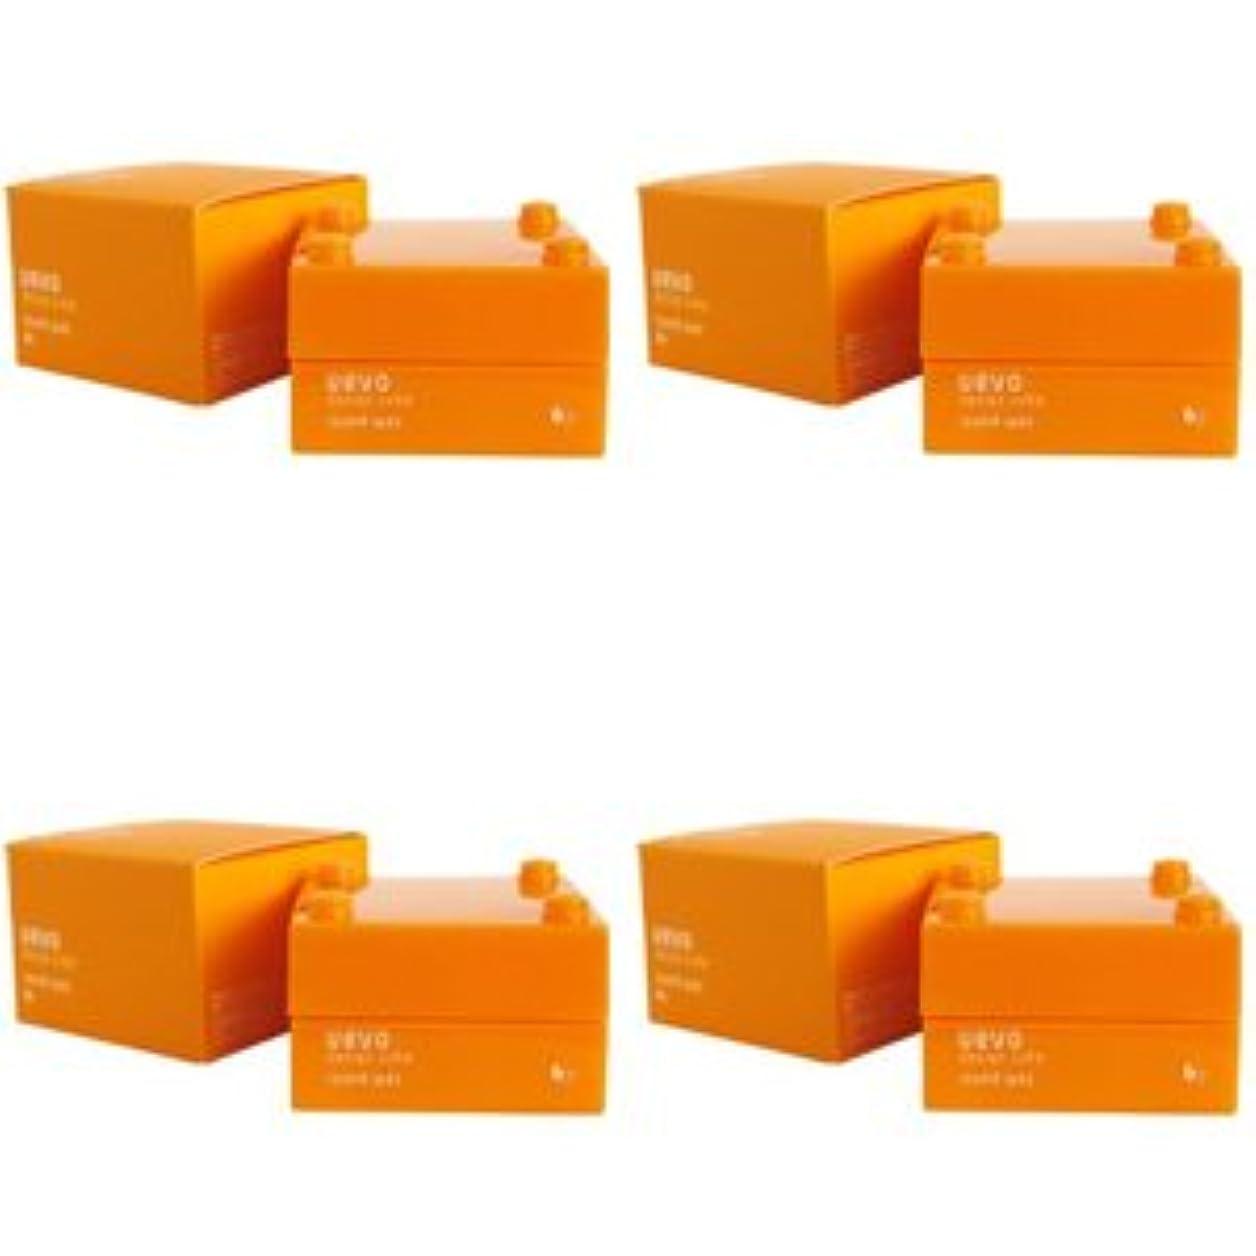 敬意を表して神社ここに【X4個セット】 デミ ウェーボ デザインキューブ ラウンドワックス 30g round wax DEMI uevo design cube